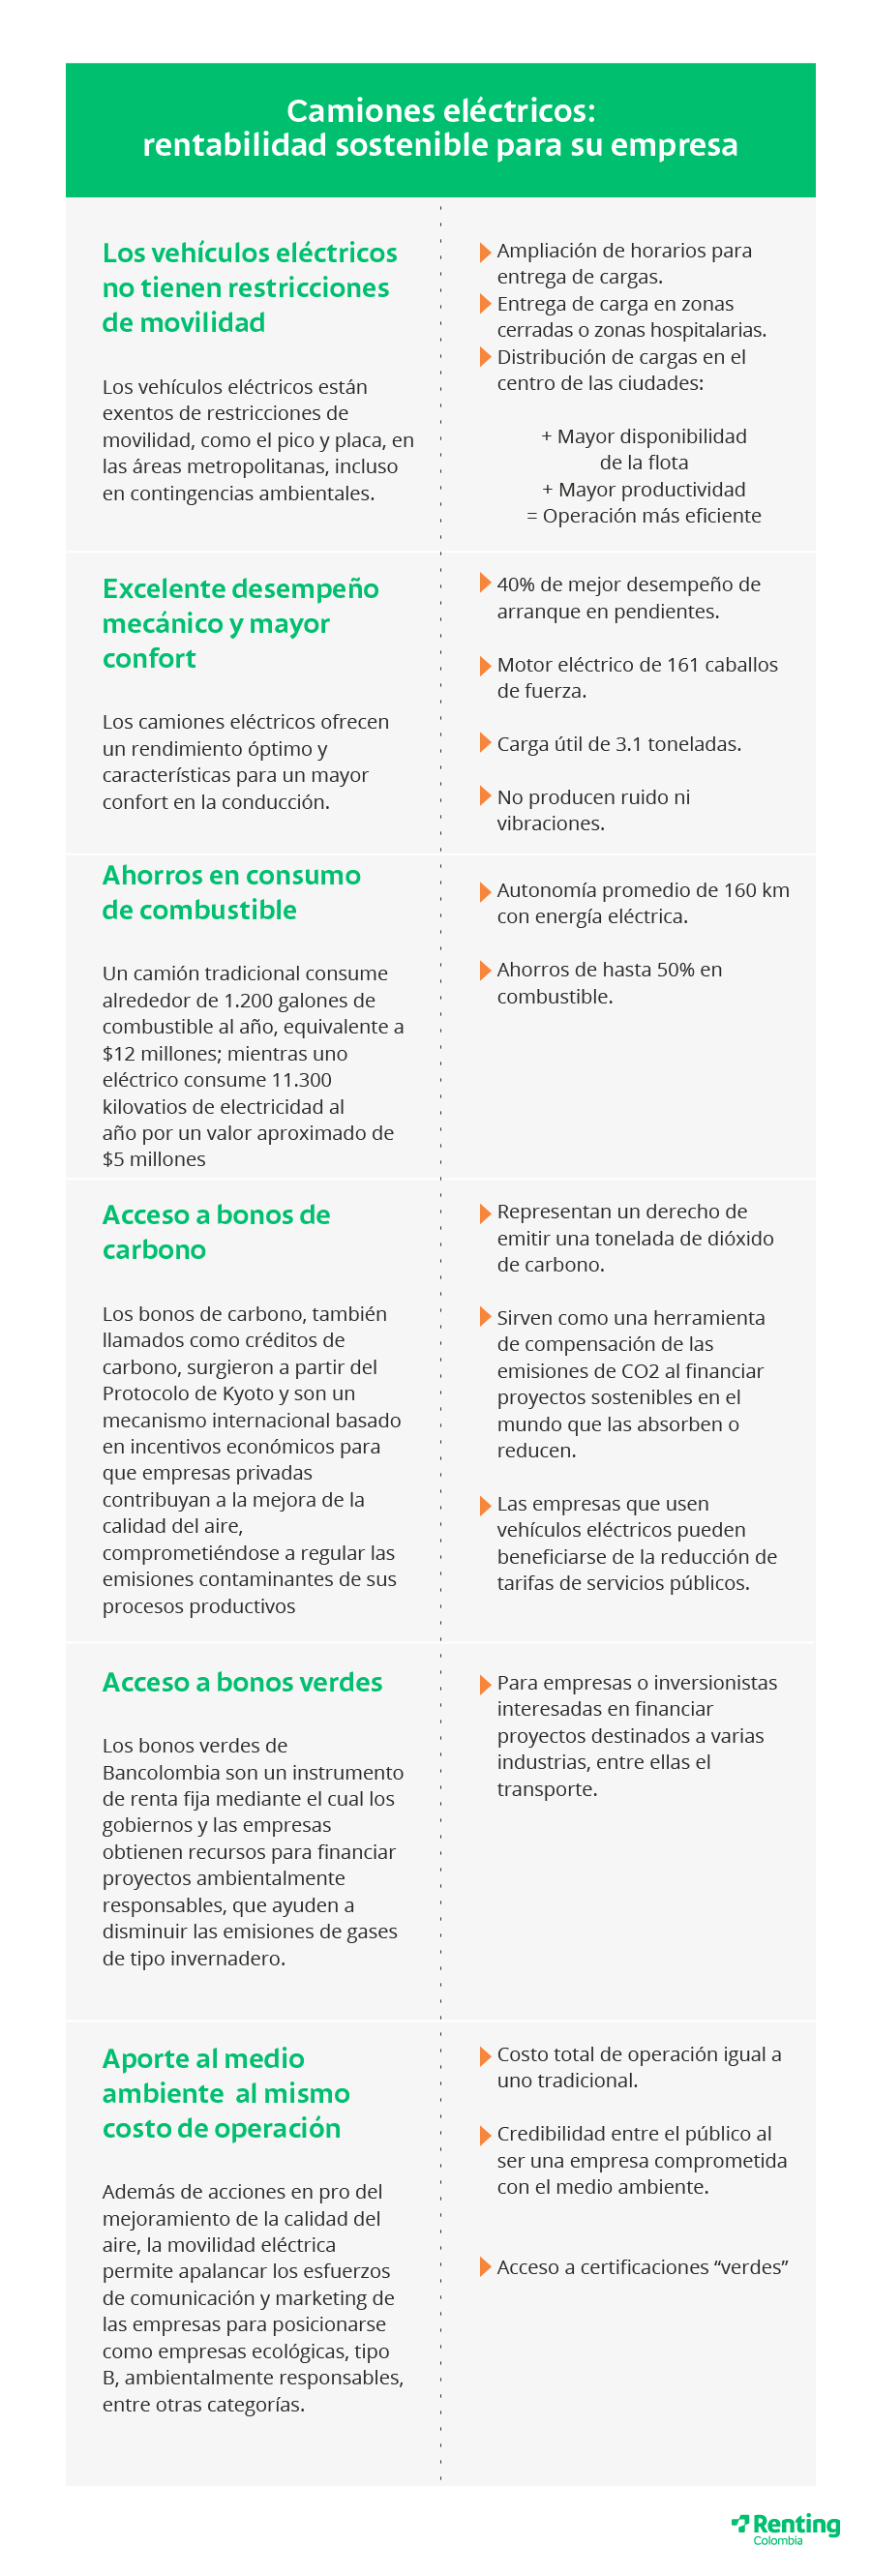 Renting Colombia - contingencia ambiental- Infografía-sep25_02_V3